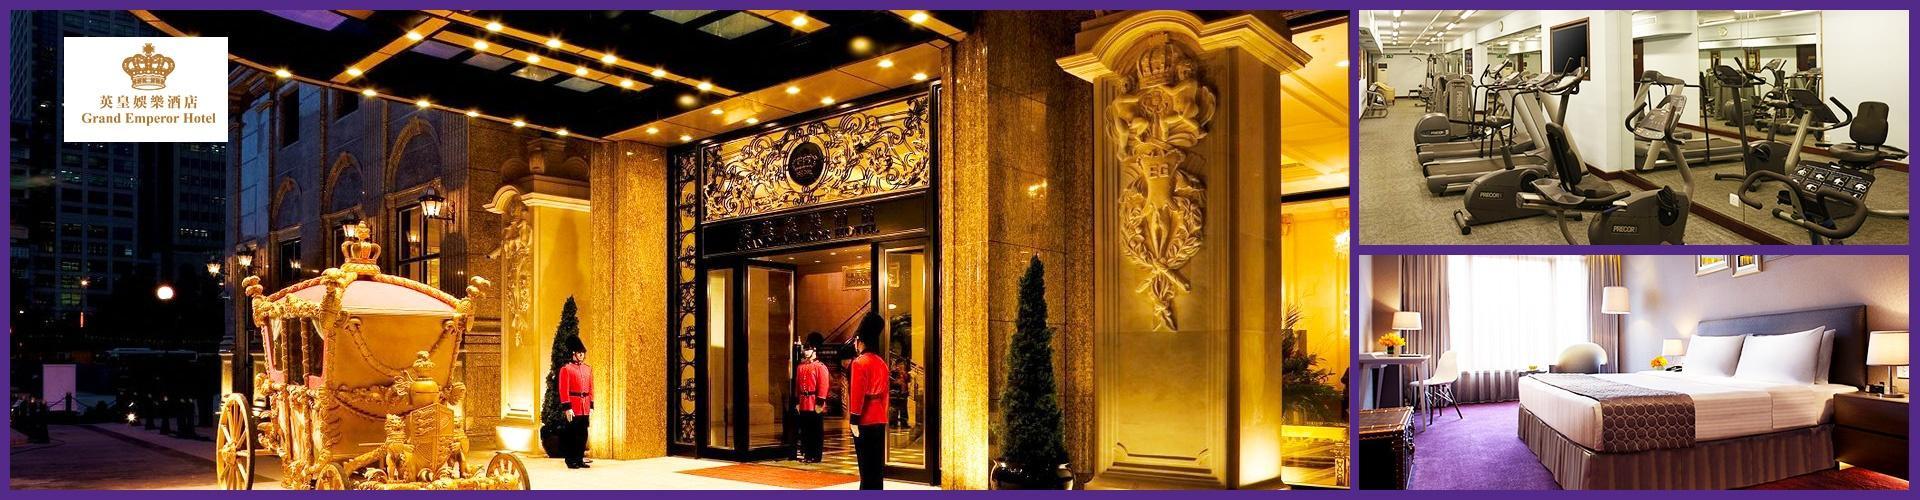 英皇娛樂酒店 (淨房)